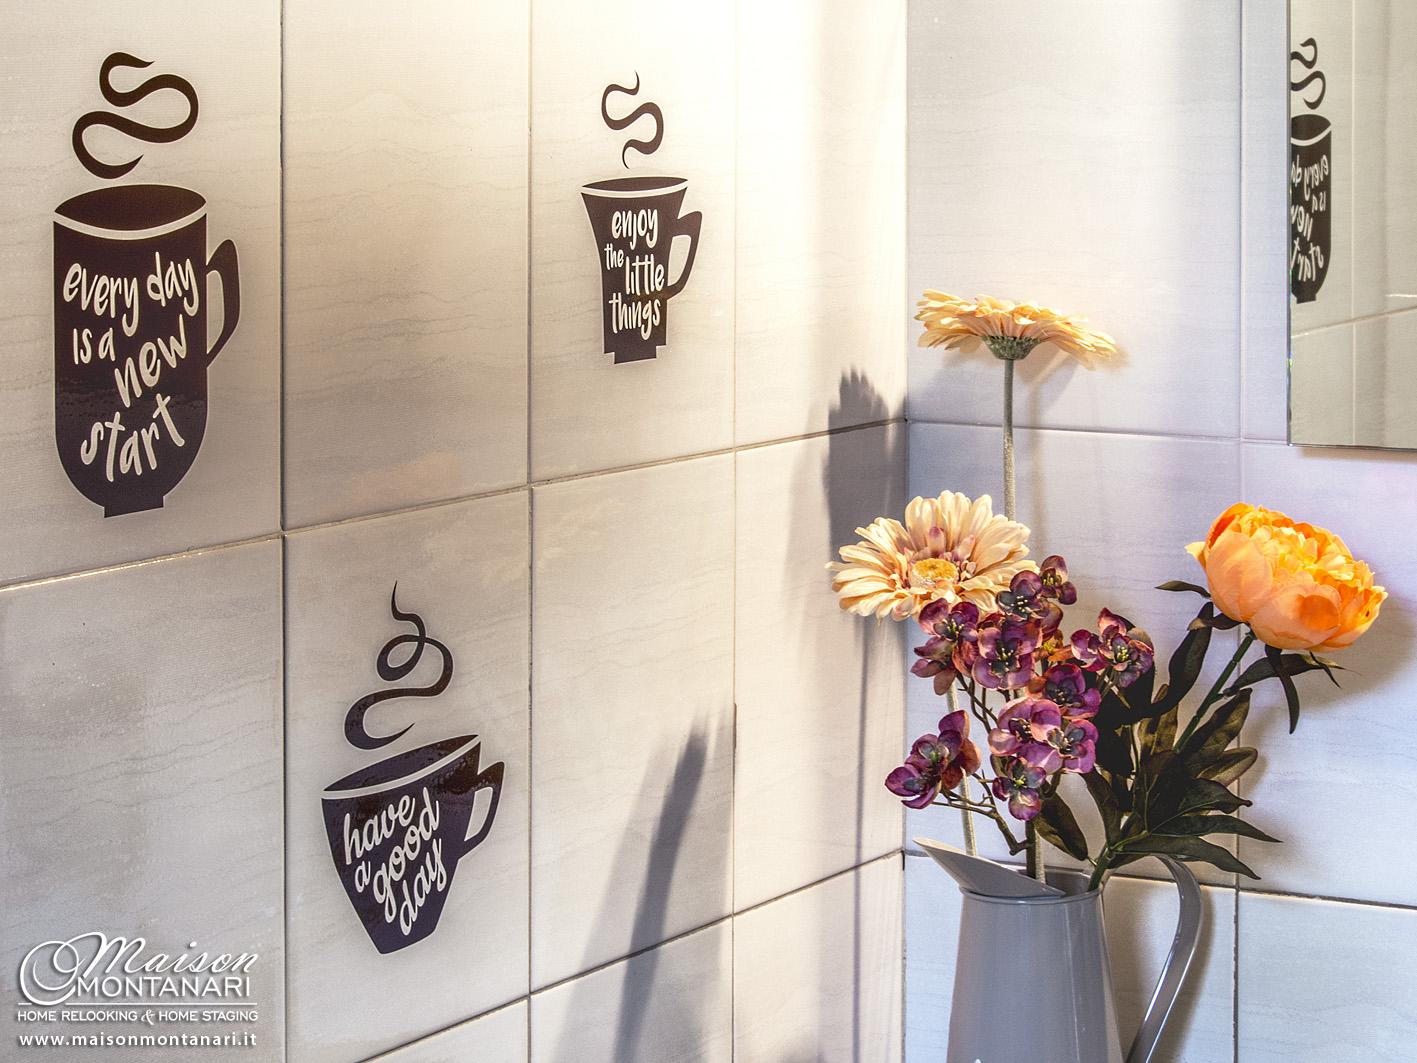 Decorazione bagno con fiori e adesivi su piastrelle u maison montanari